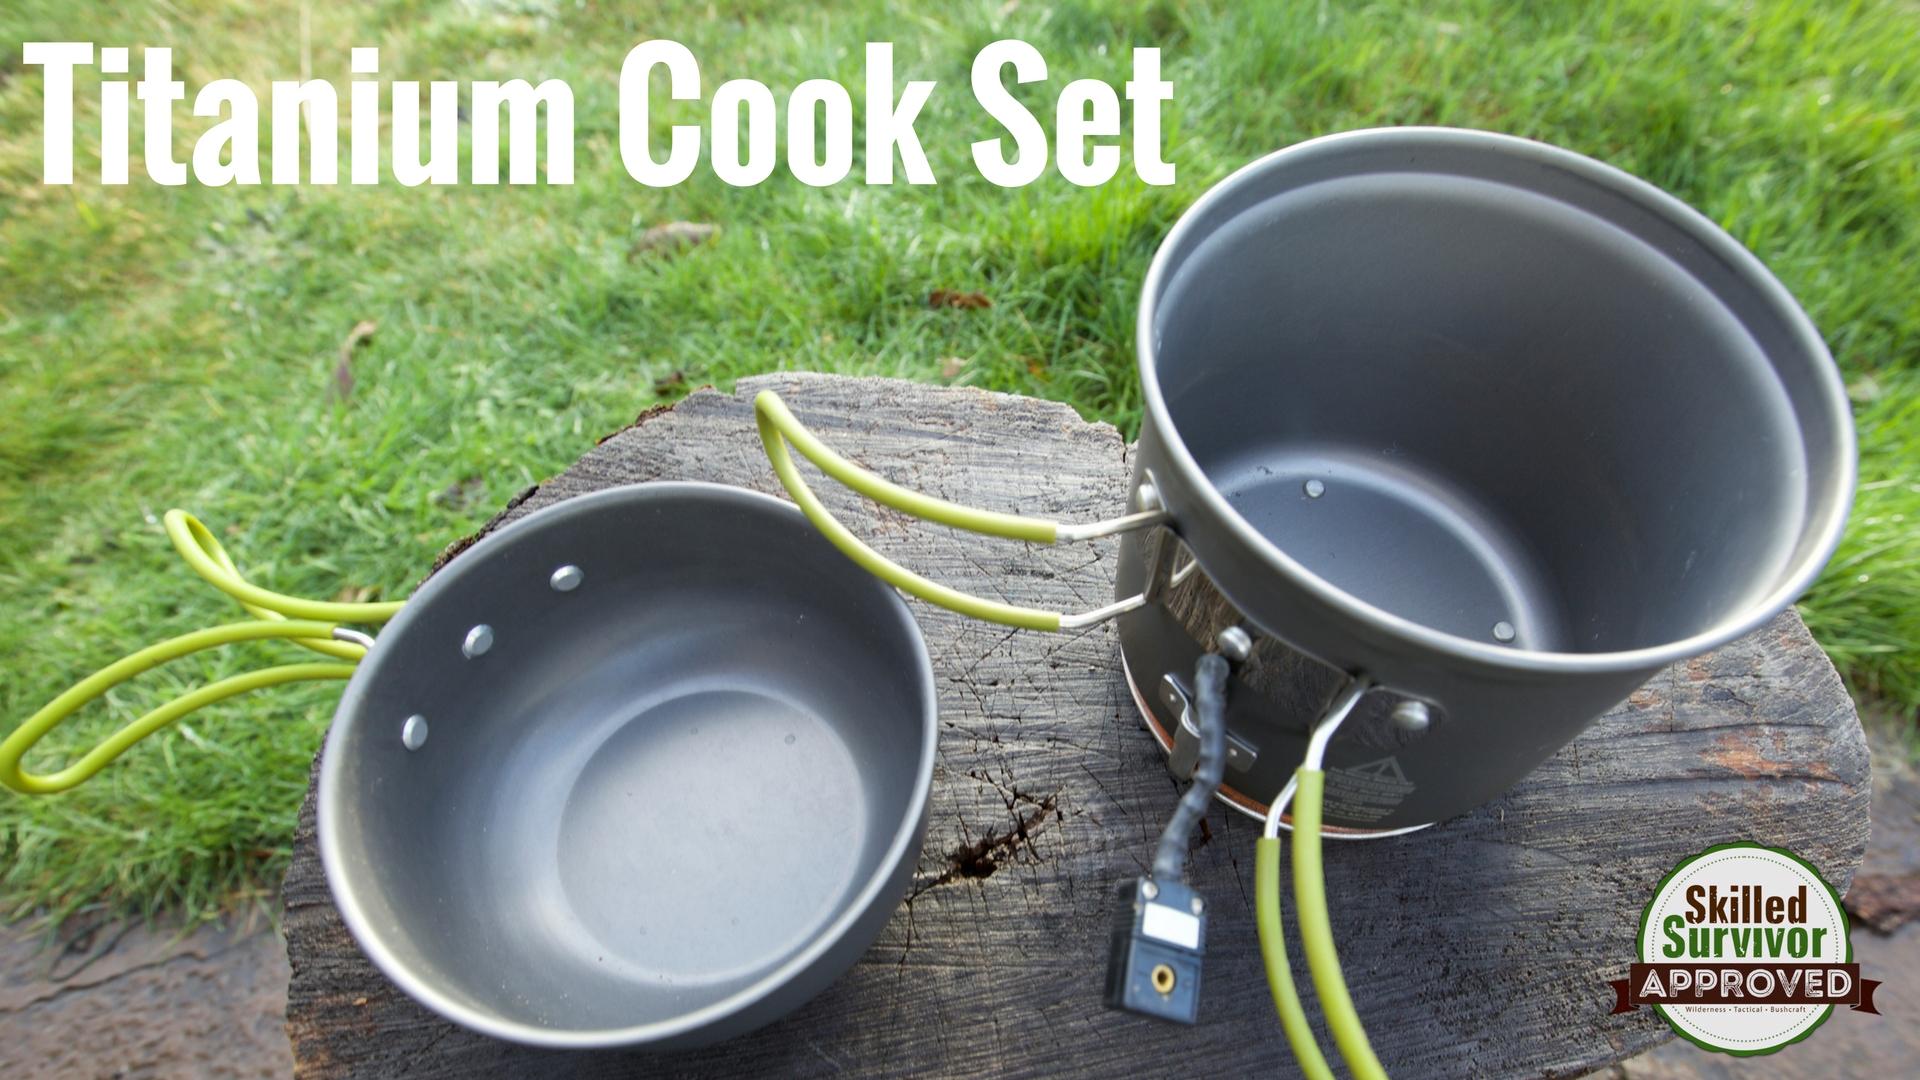 titanium-camping-cook-set-outdoors